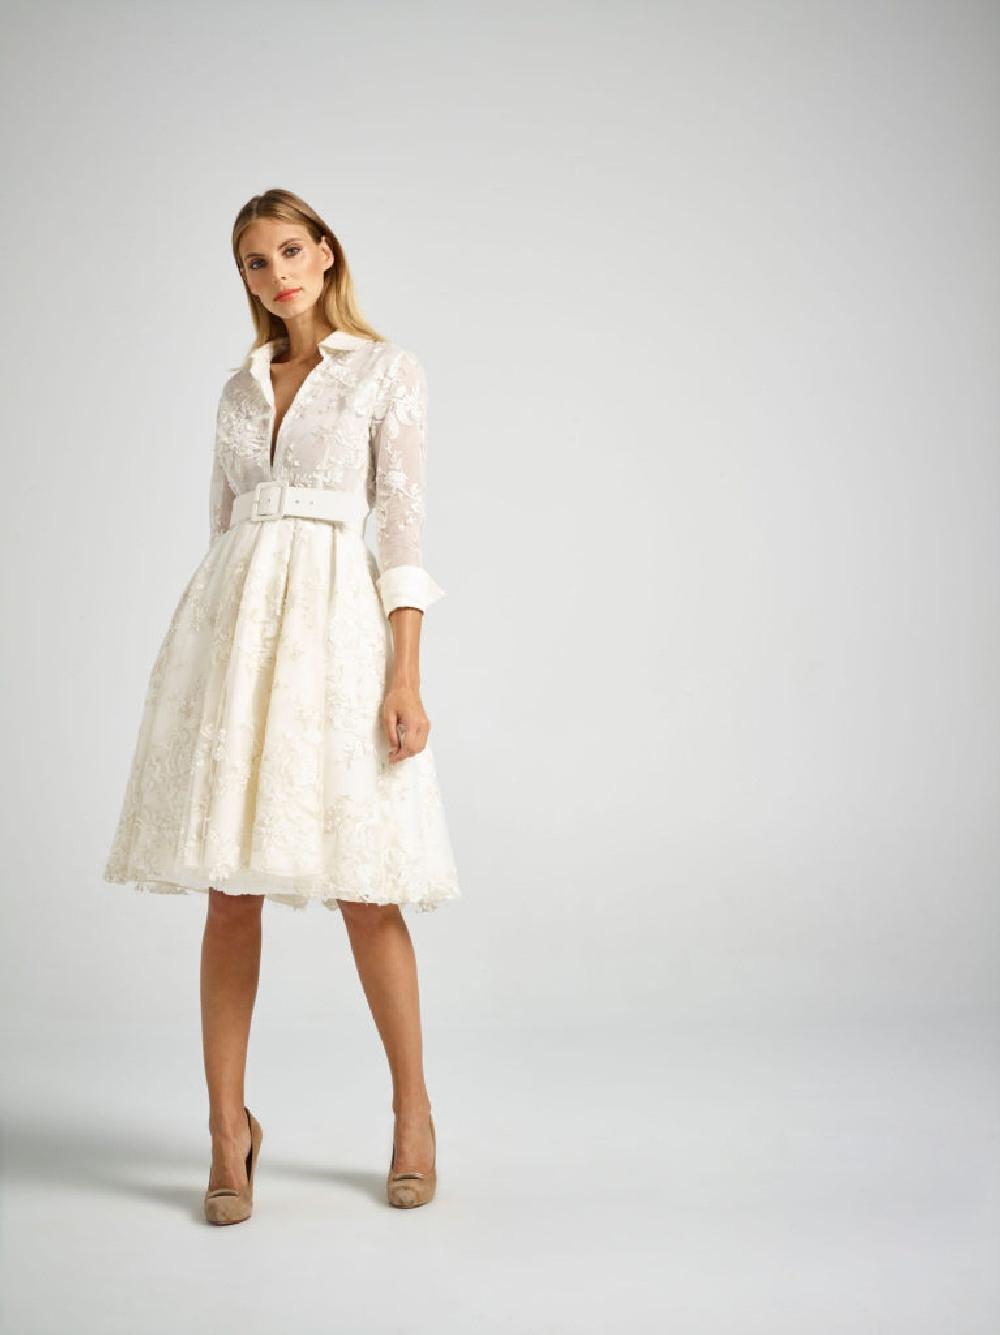 Brautkleider Für Die Standesamtliche Trauung  White And Night